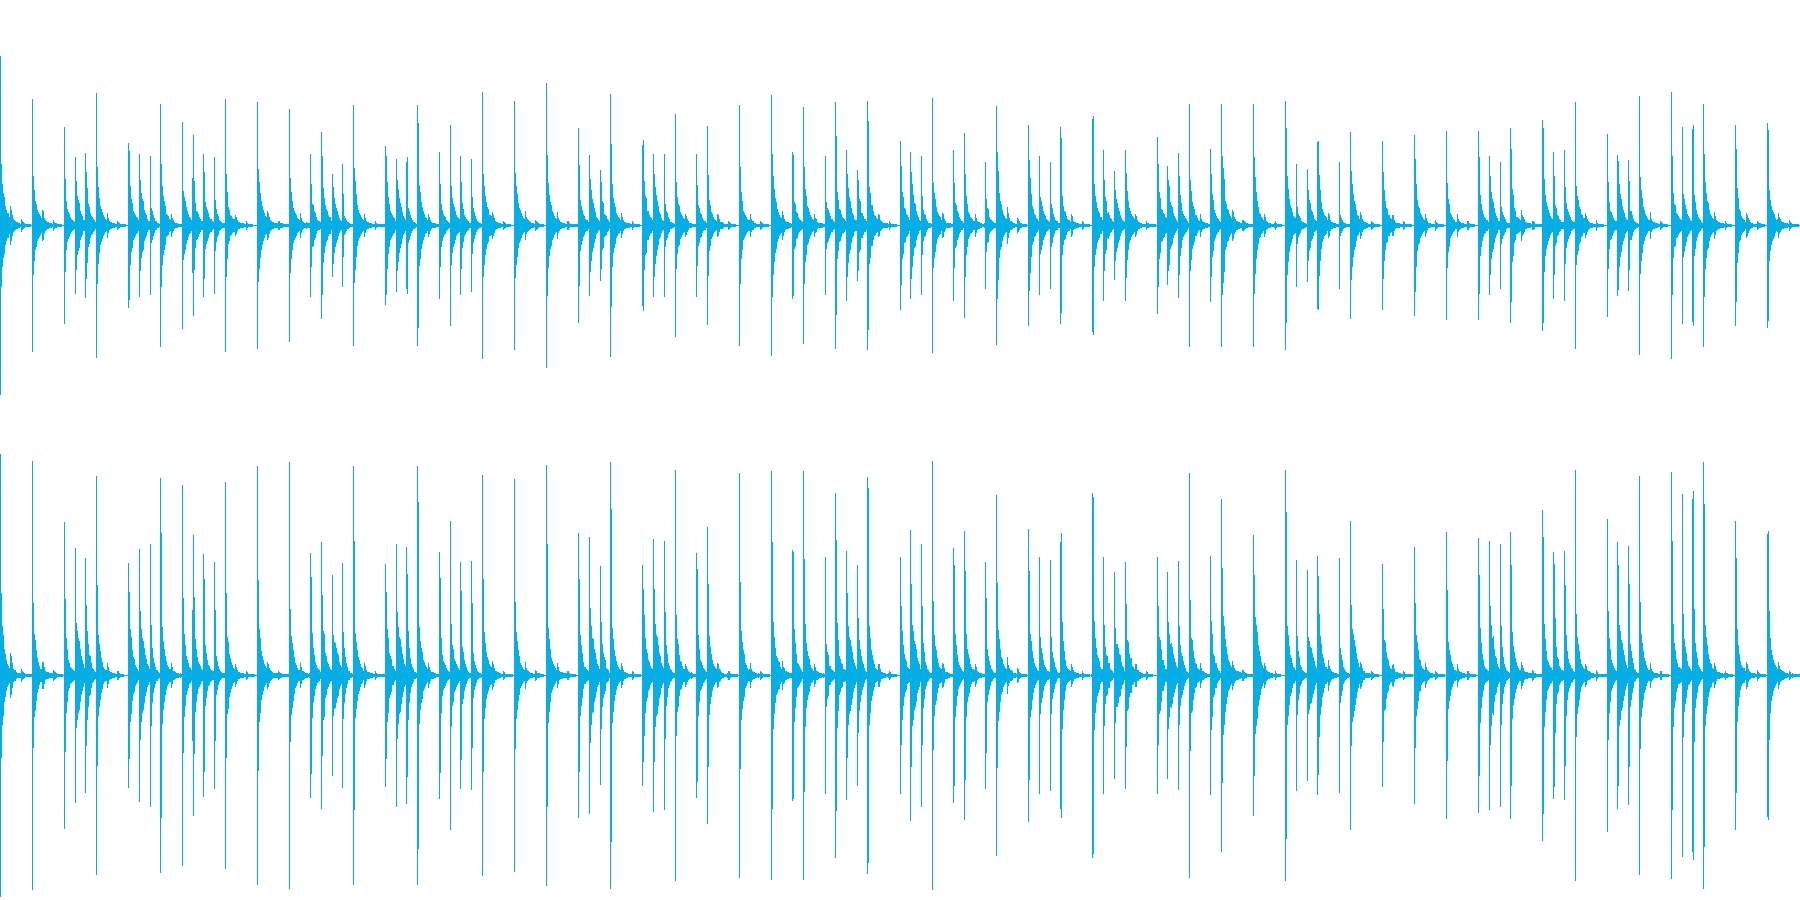 グロッケンの音色のゆっくりした曲ですの再生済みの波形